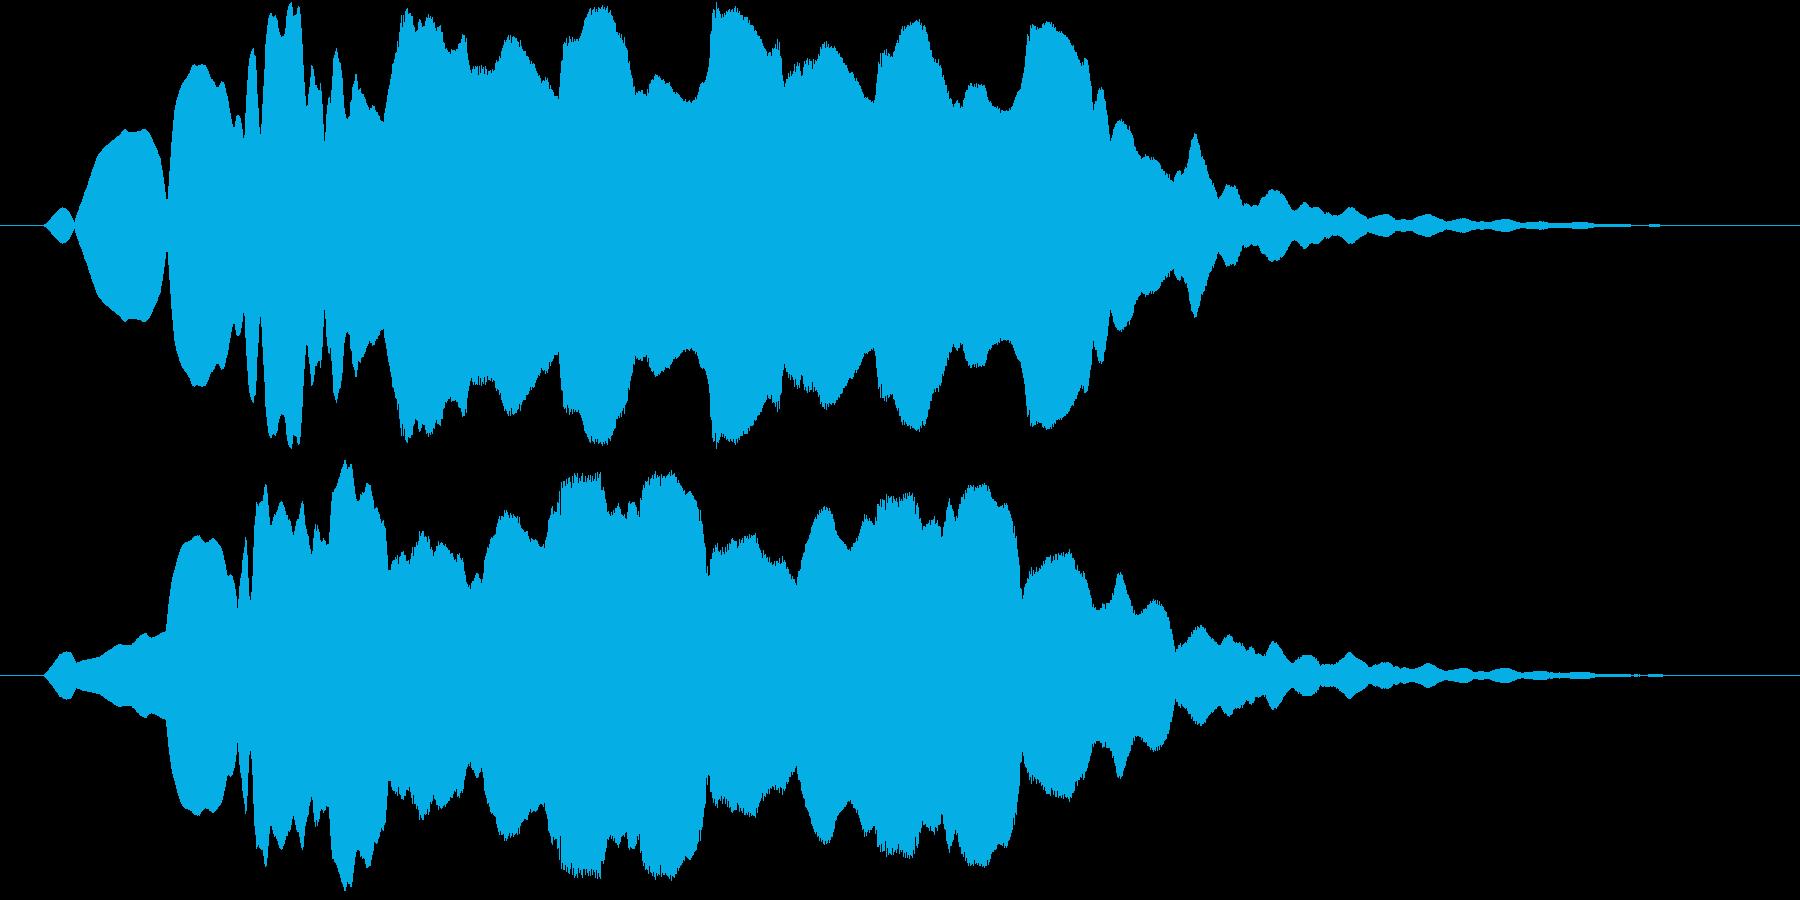 フワーンフワーンフワーン (宇宙と通信)の再生済みの波形